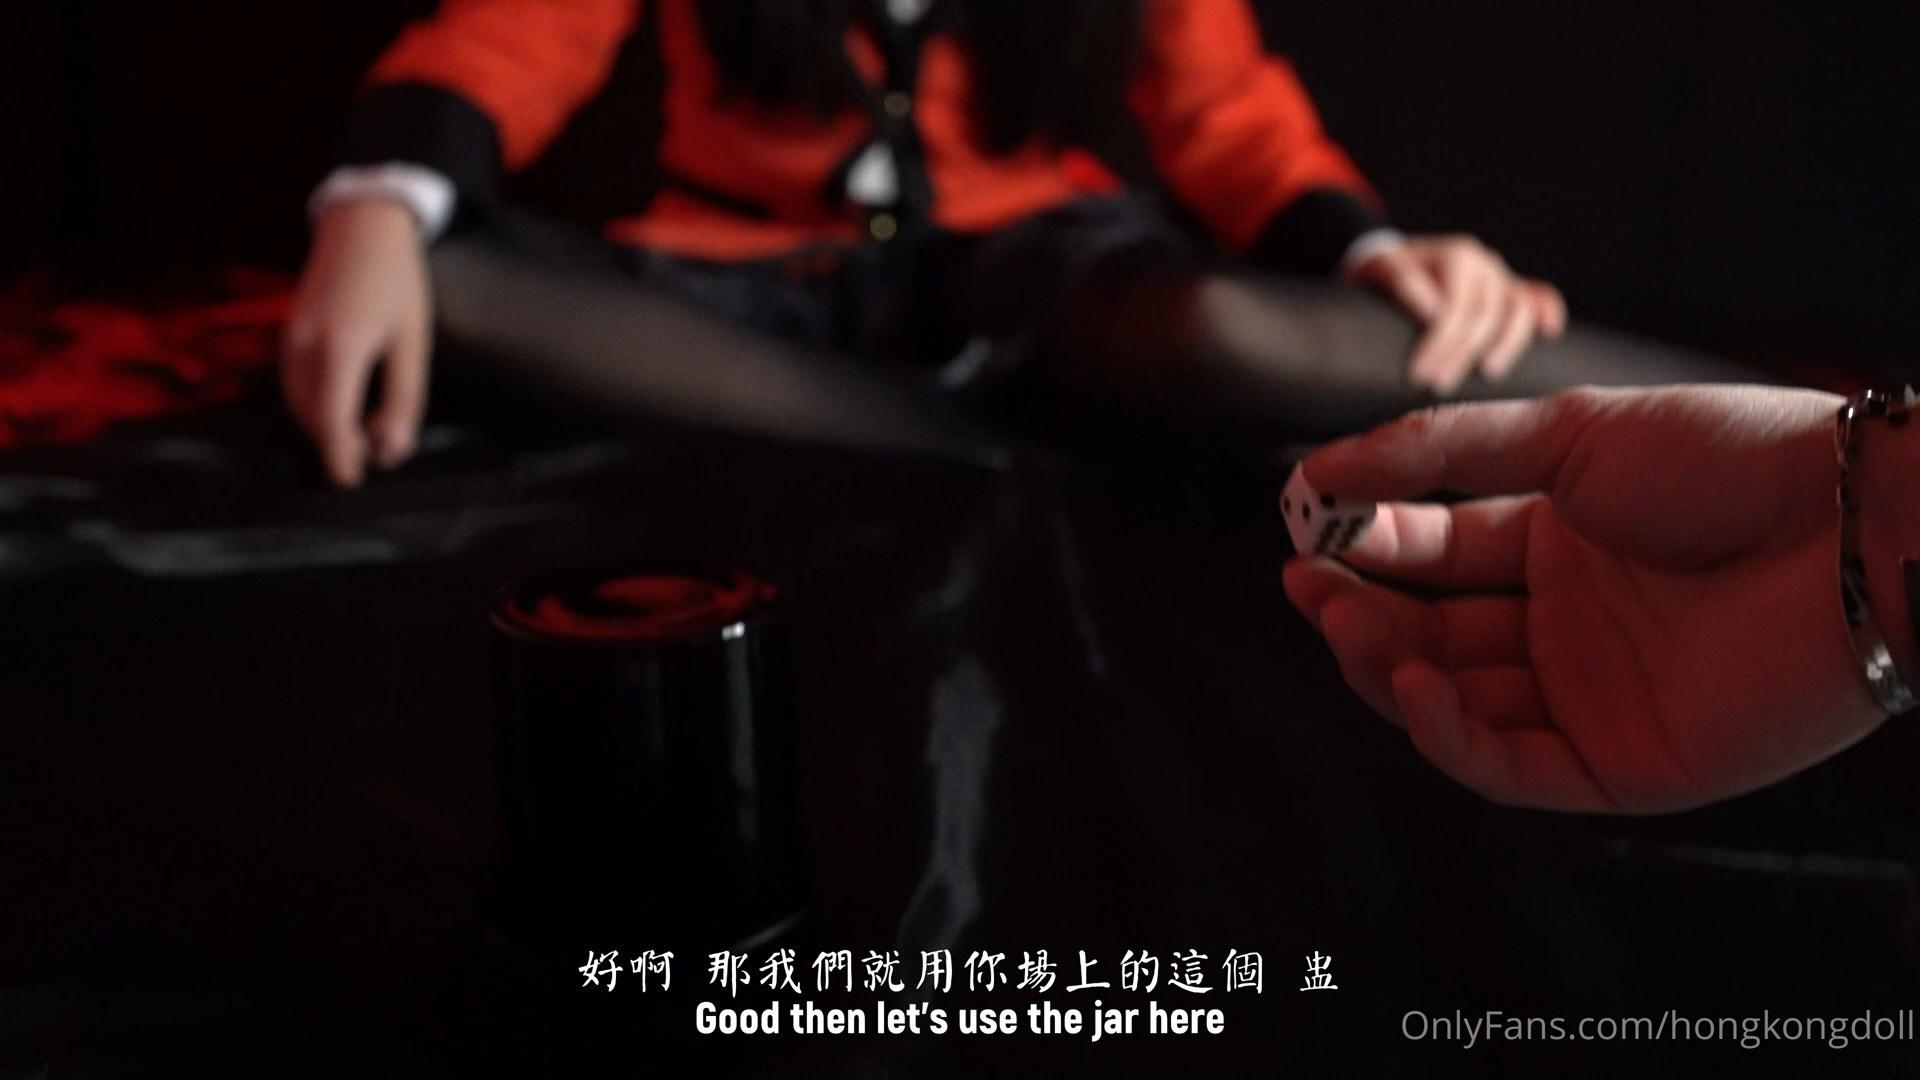 极品女神『香港美少女』JK蛇喰梦子的陨落,未尝一败玩骰子输后成了性奴,结局意想不到高清 公共场所露出-第3张